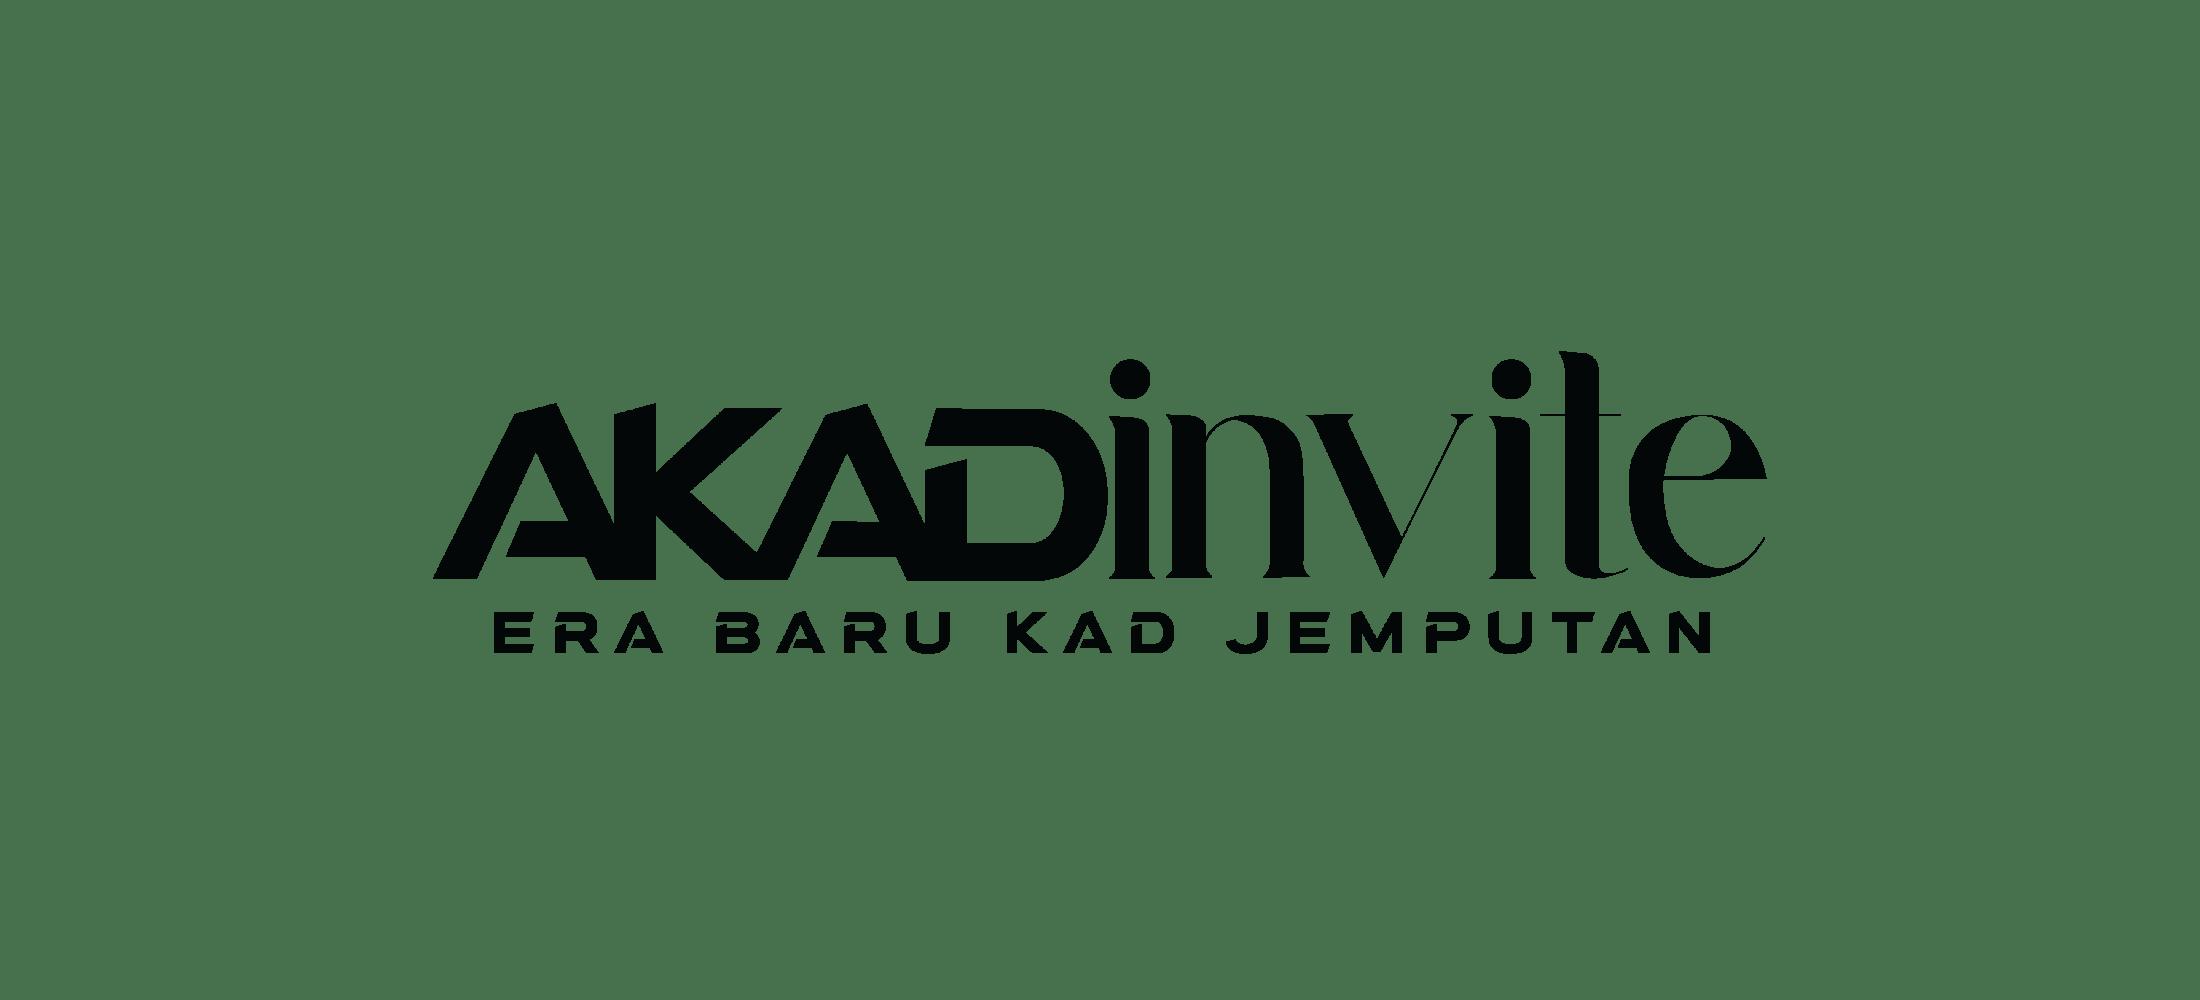 akadinvite2